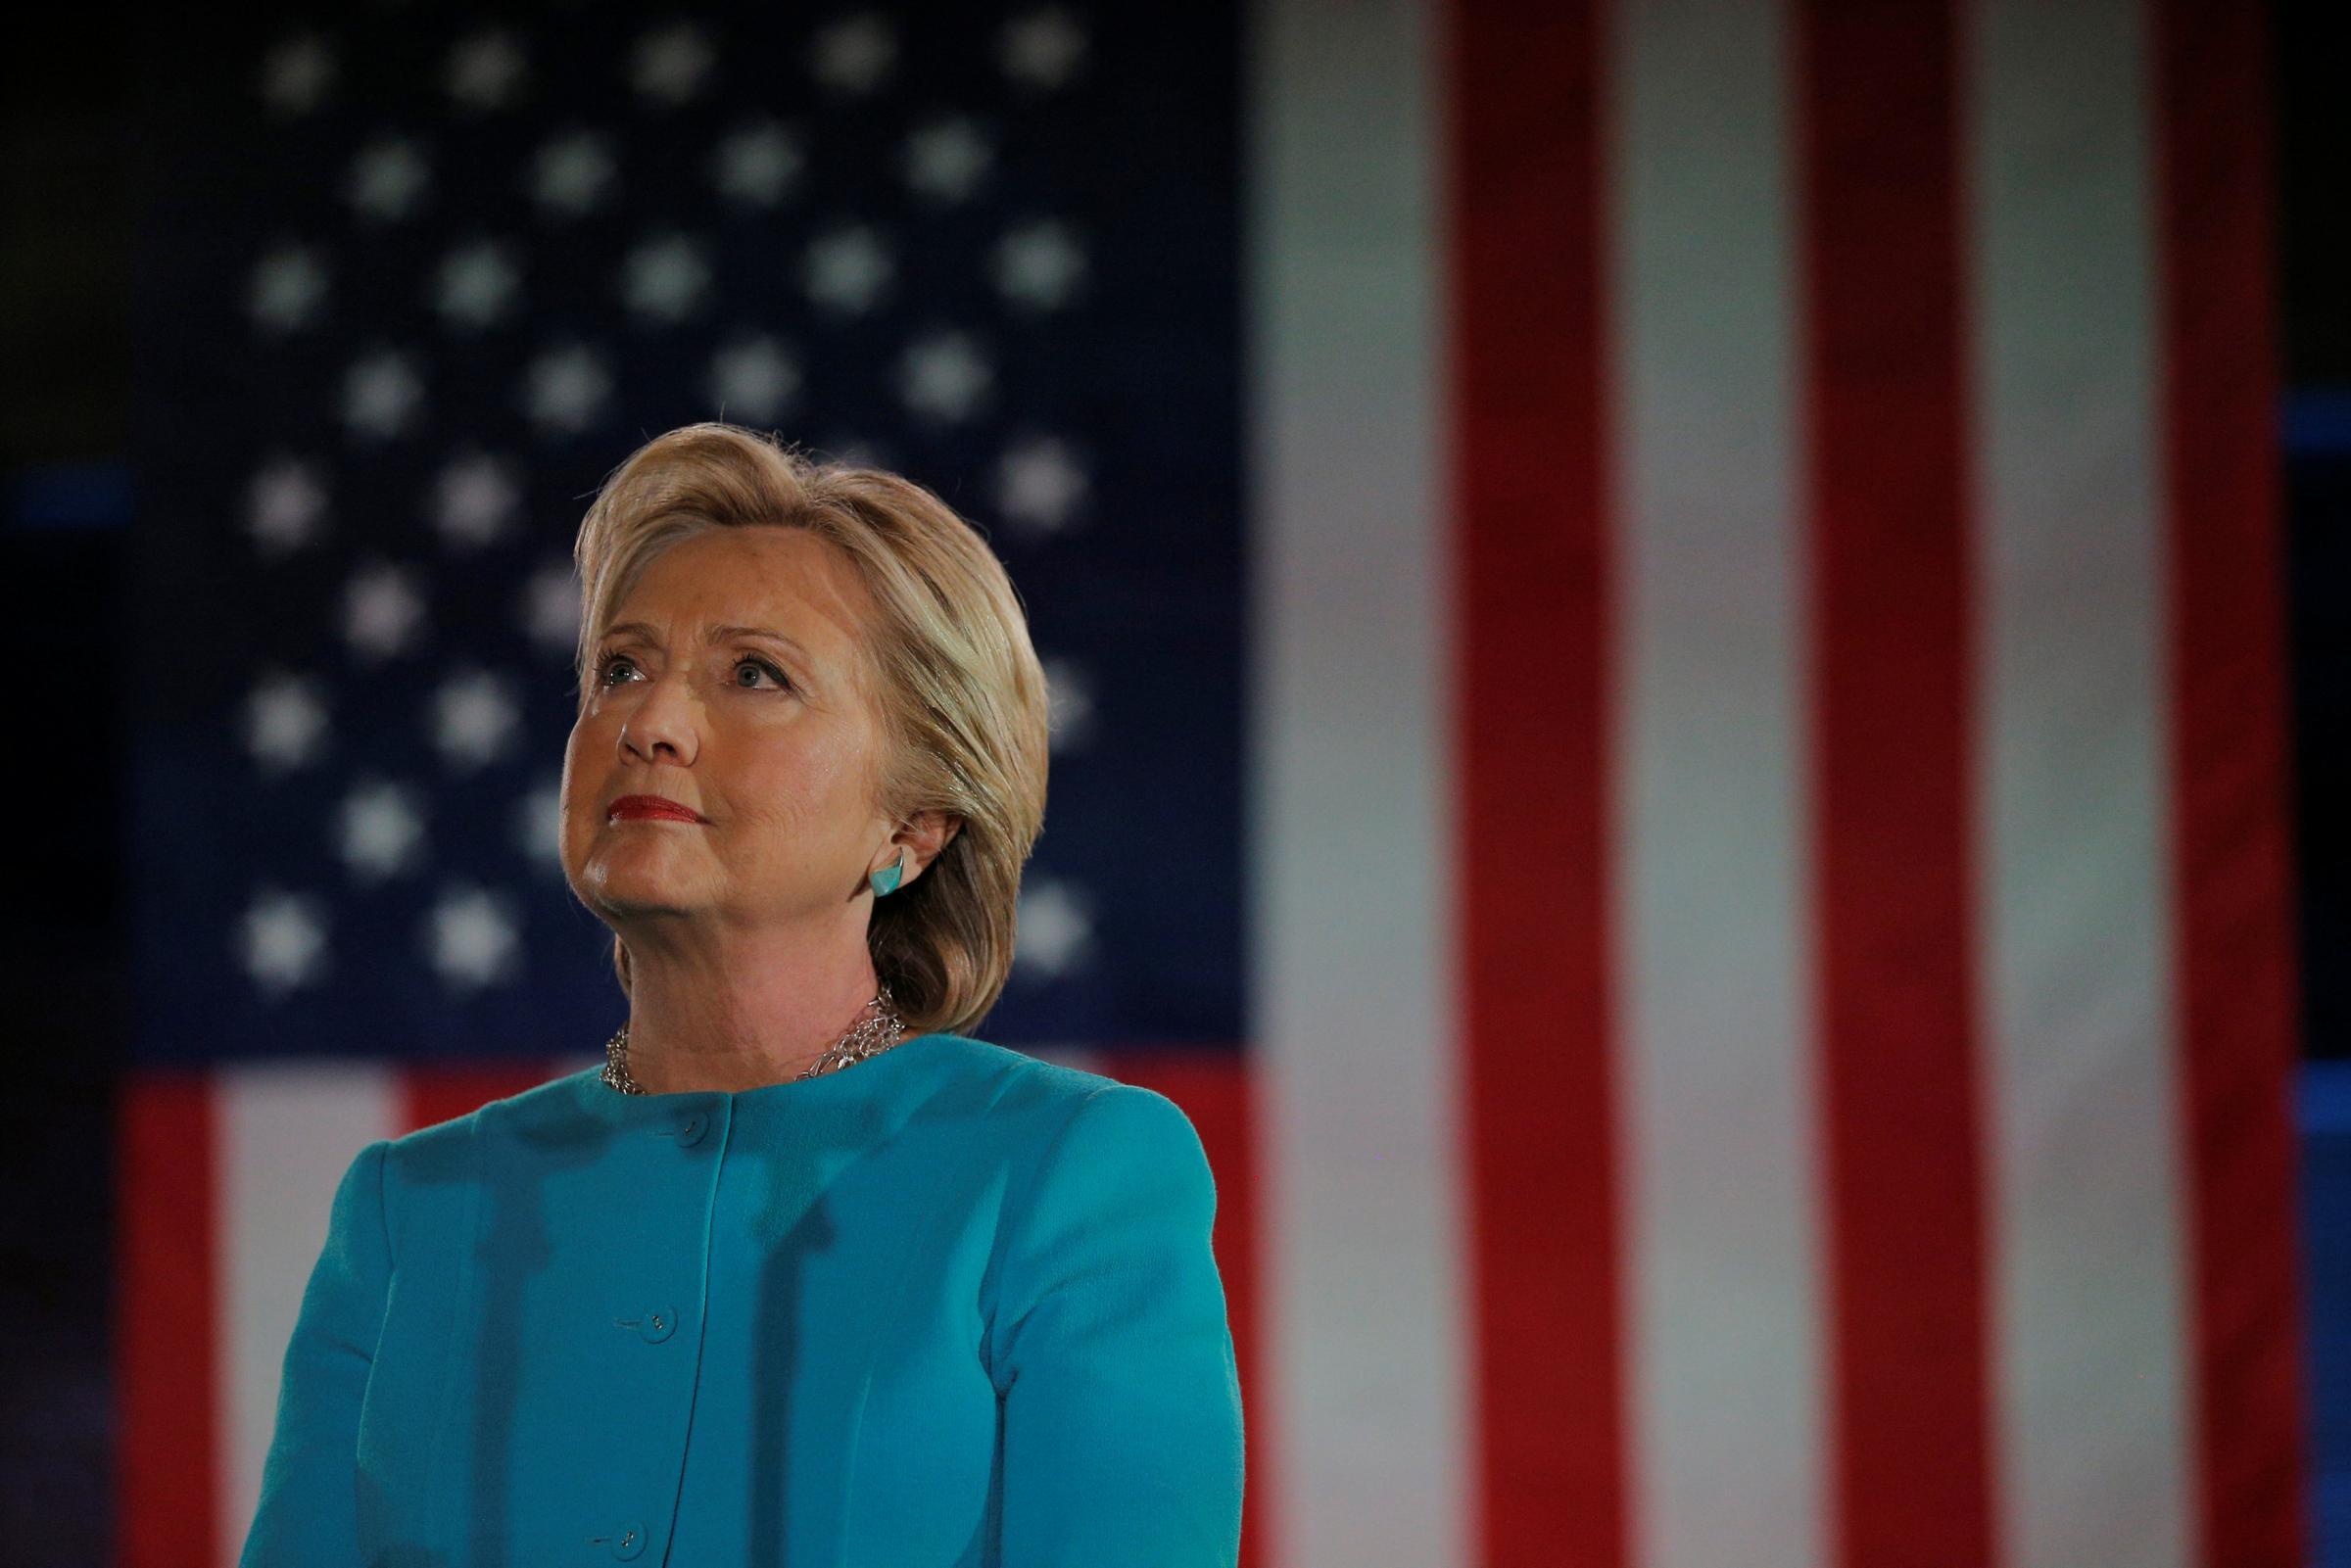 Nel New Hampshire gli ultimi comizi di Hillary prima del voto